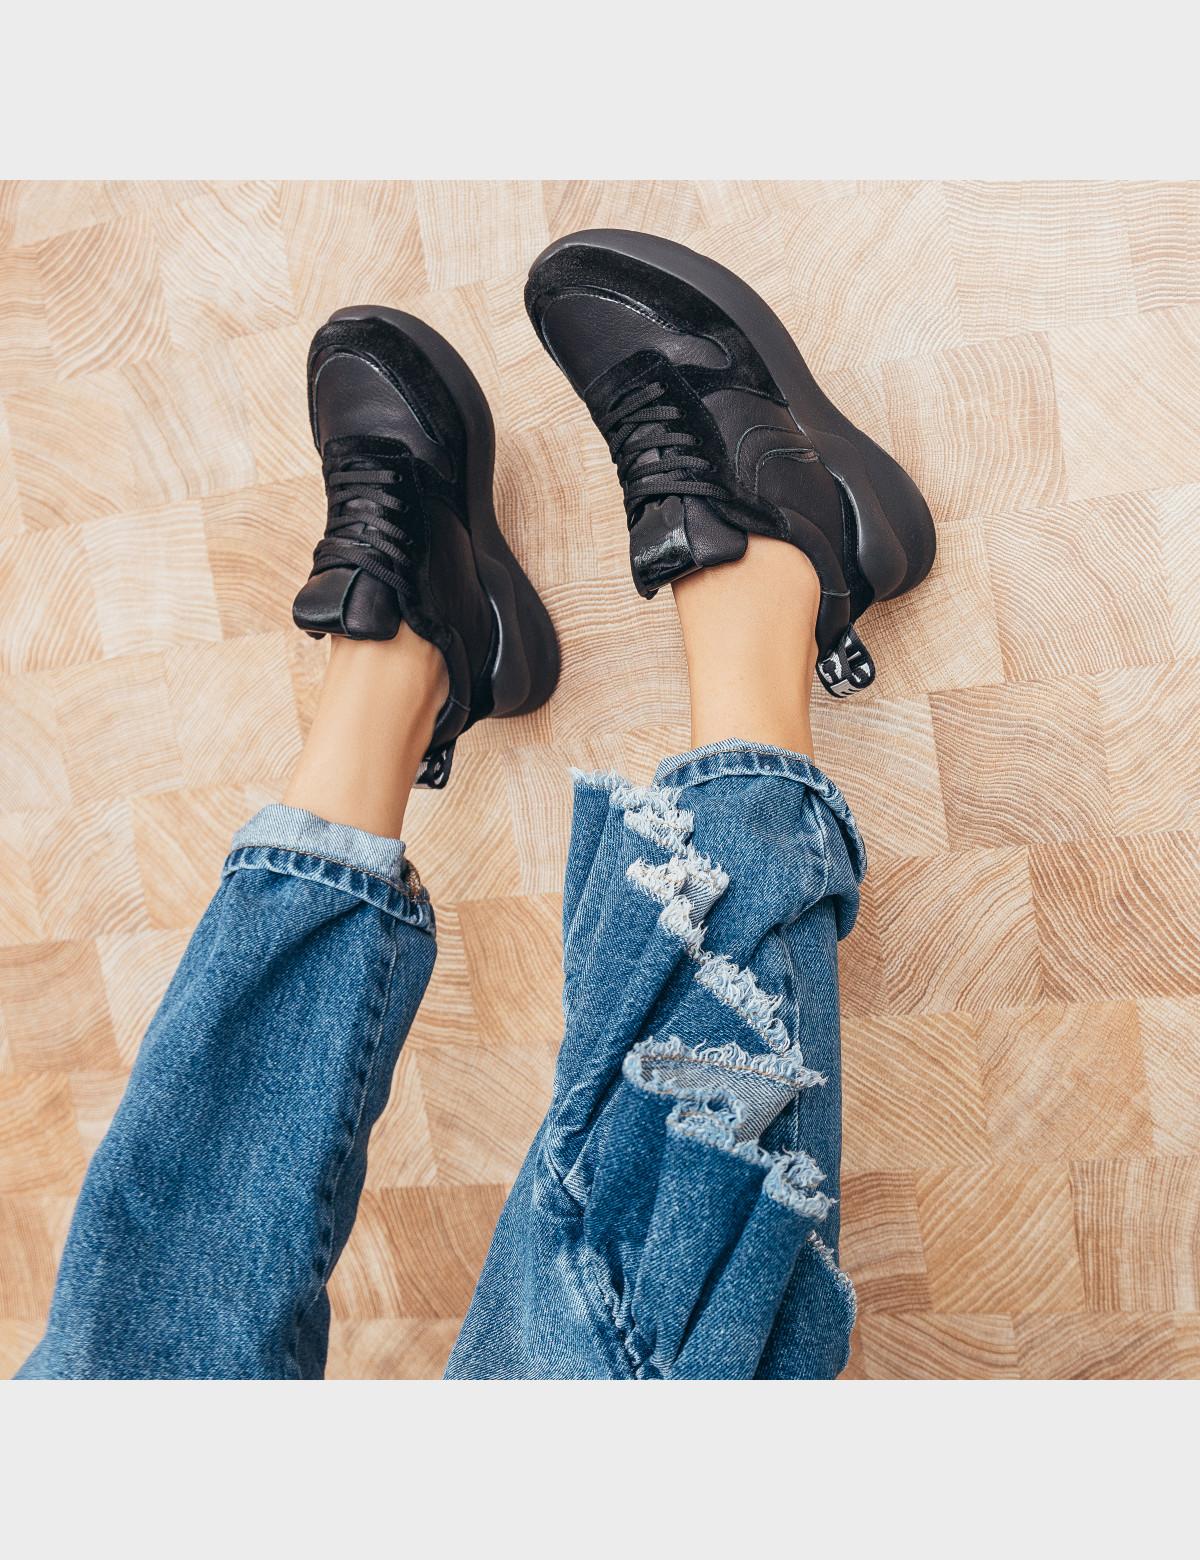 Кроссовки черные. Натуральная кожа/замша. 5